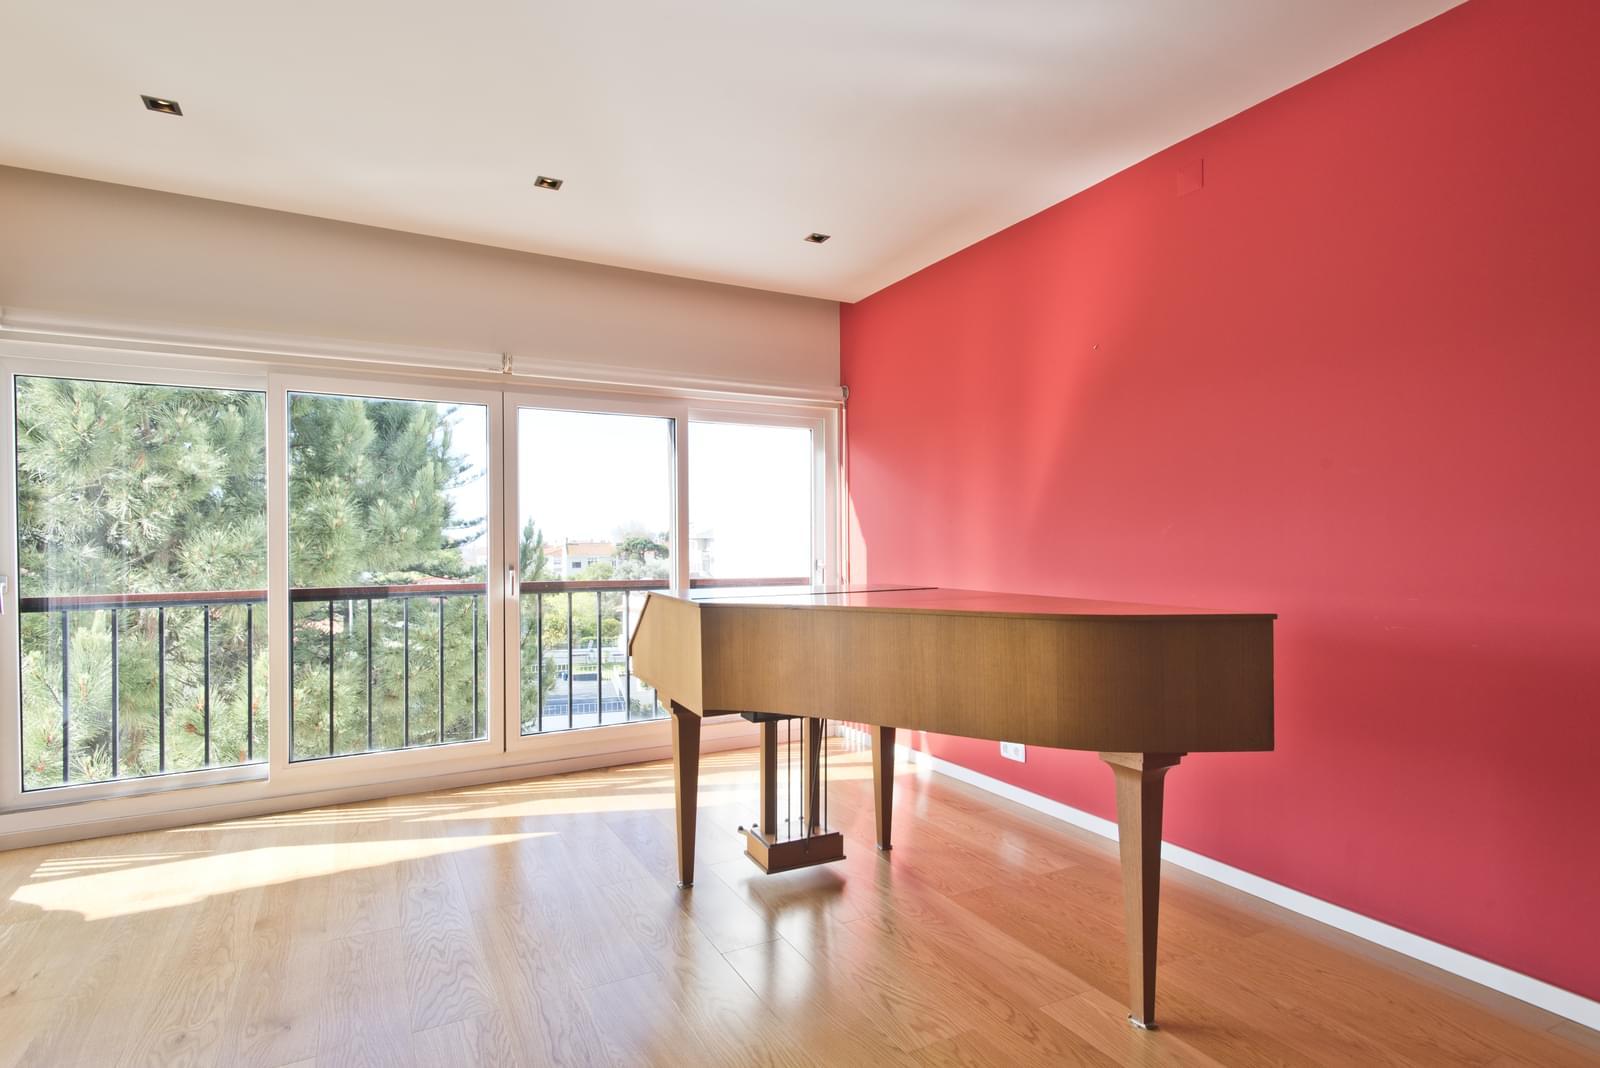 pf17006-apartamento-t1-cascais-416e1510-0fed-4a4e-ac0d-99fe64518b01